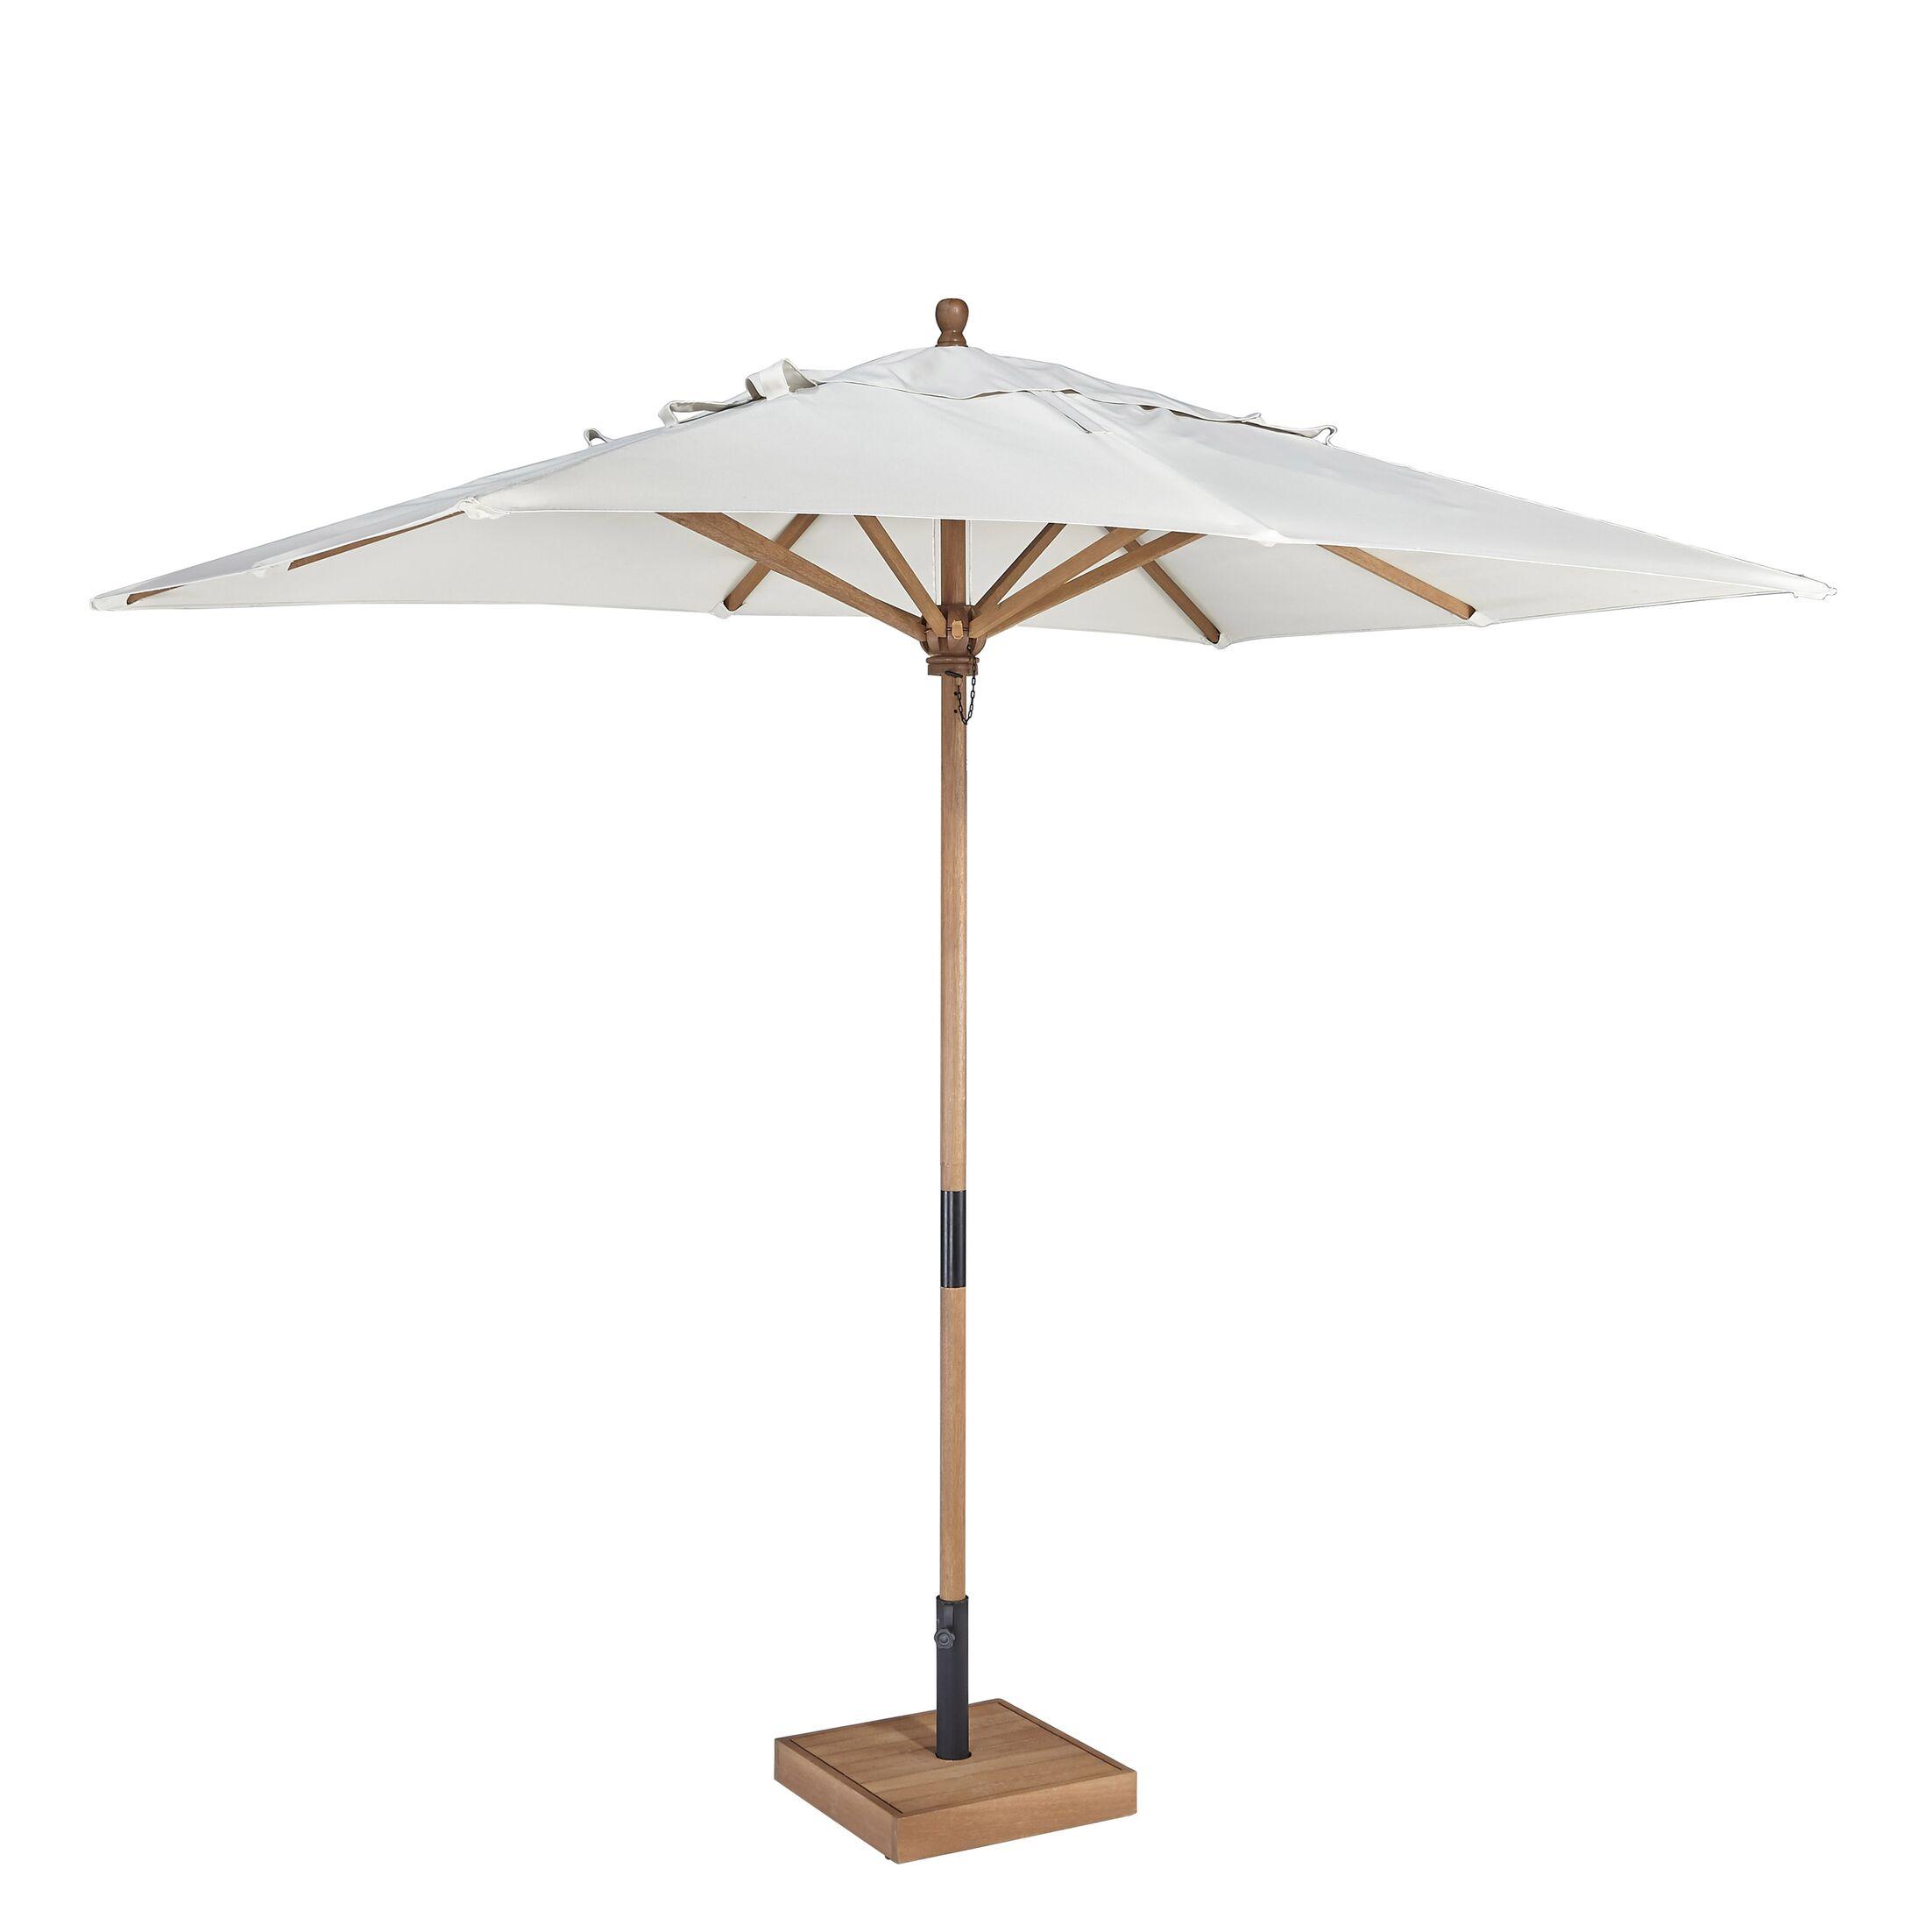 Hugh 6' Market Umbrella